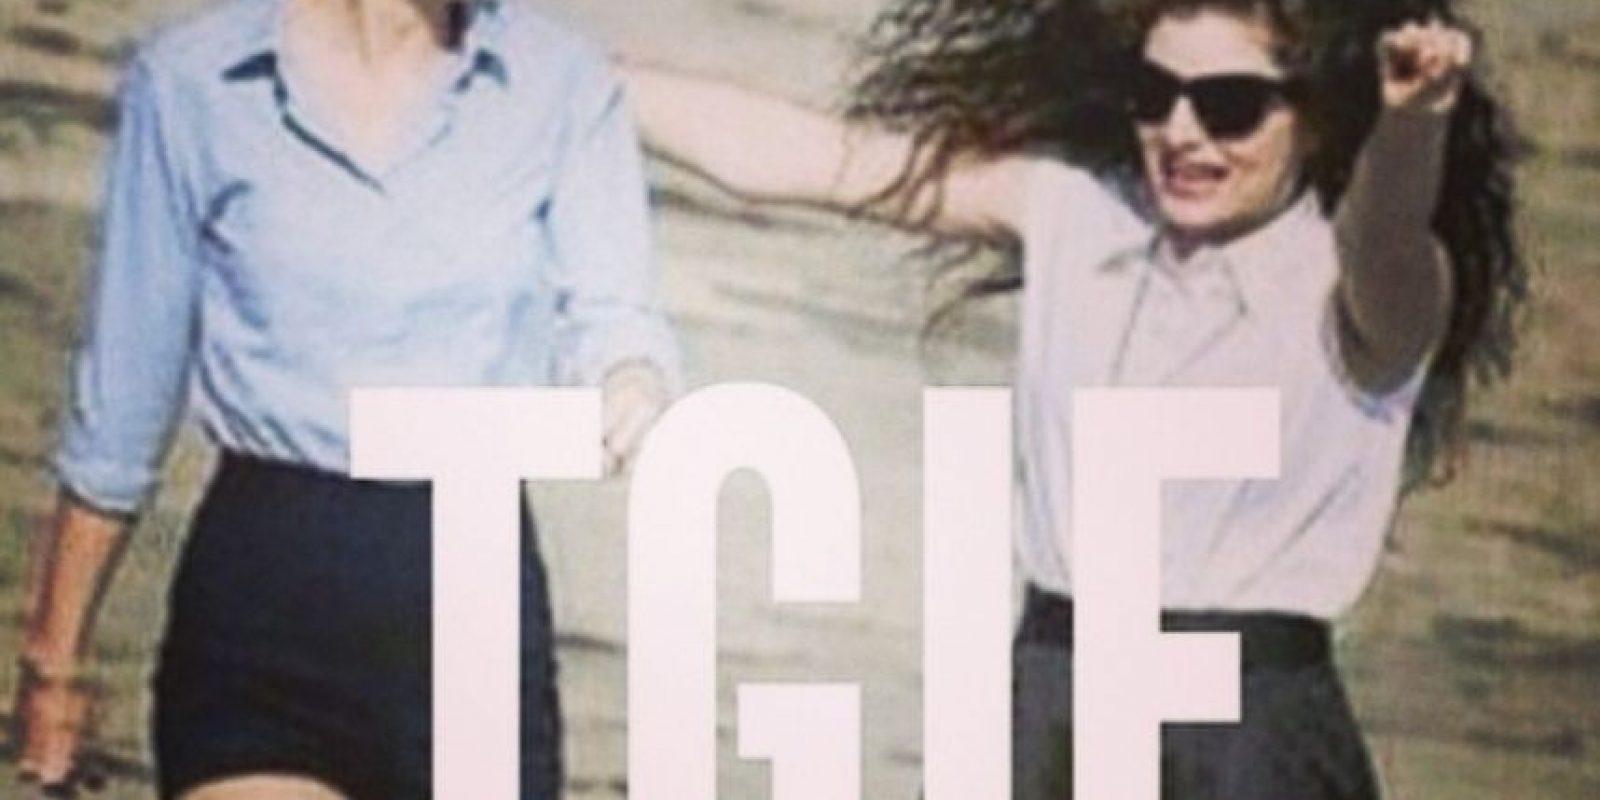 Las dos presumen sus pasatiempos y sus momentos juntas Foto:Taylor Swift vía Instagram